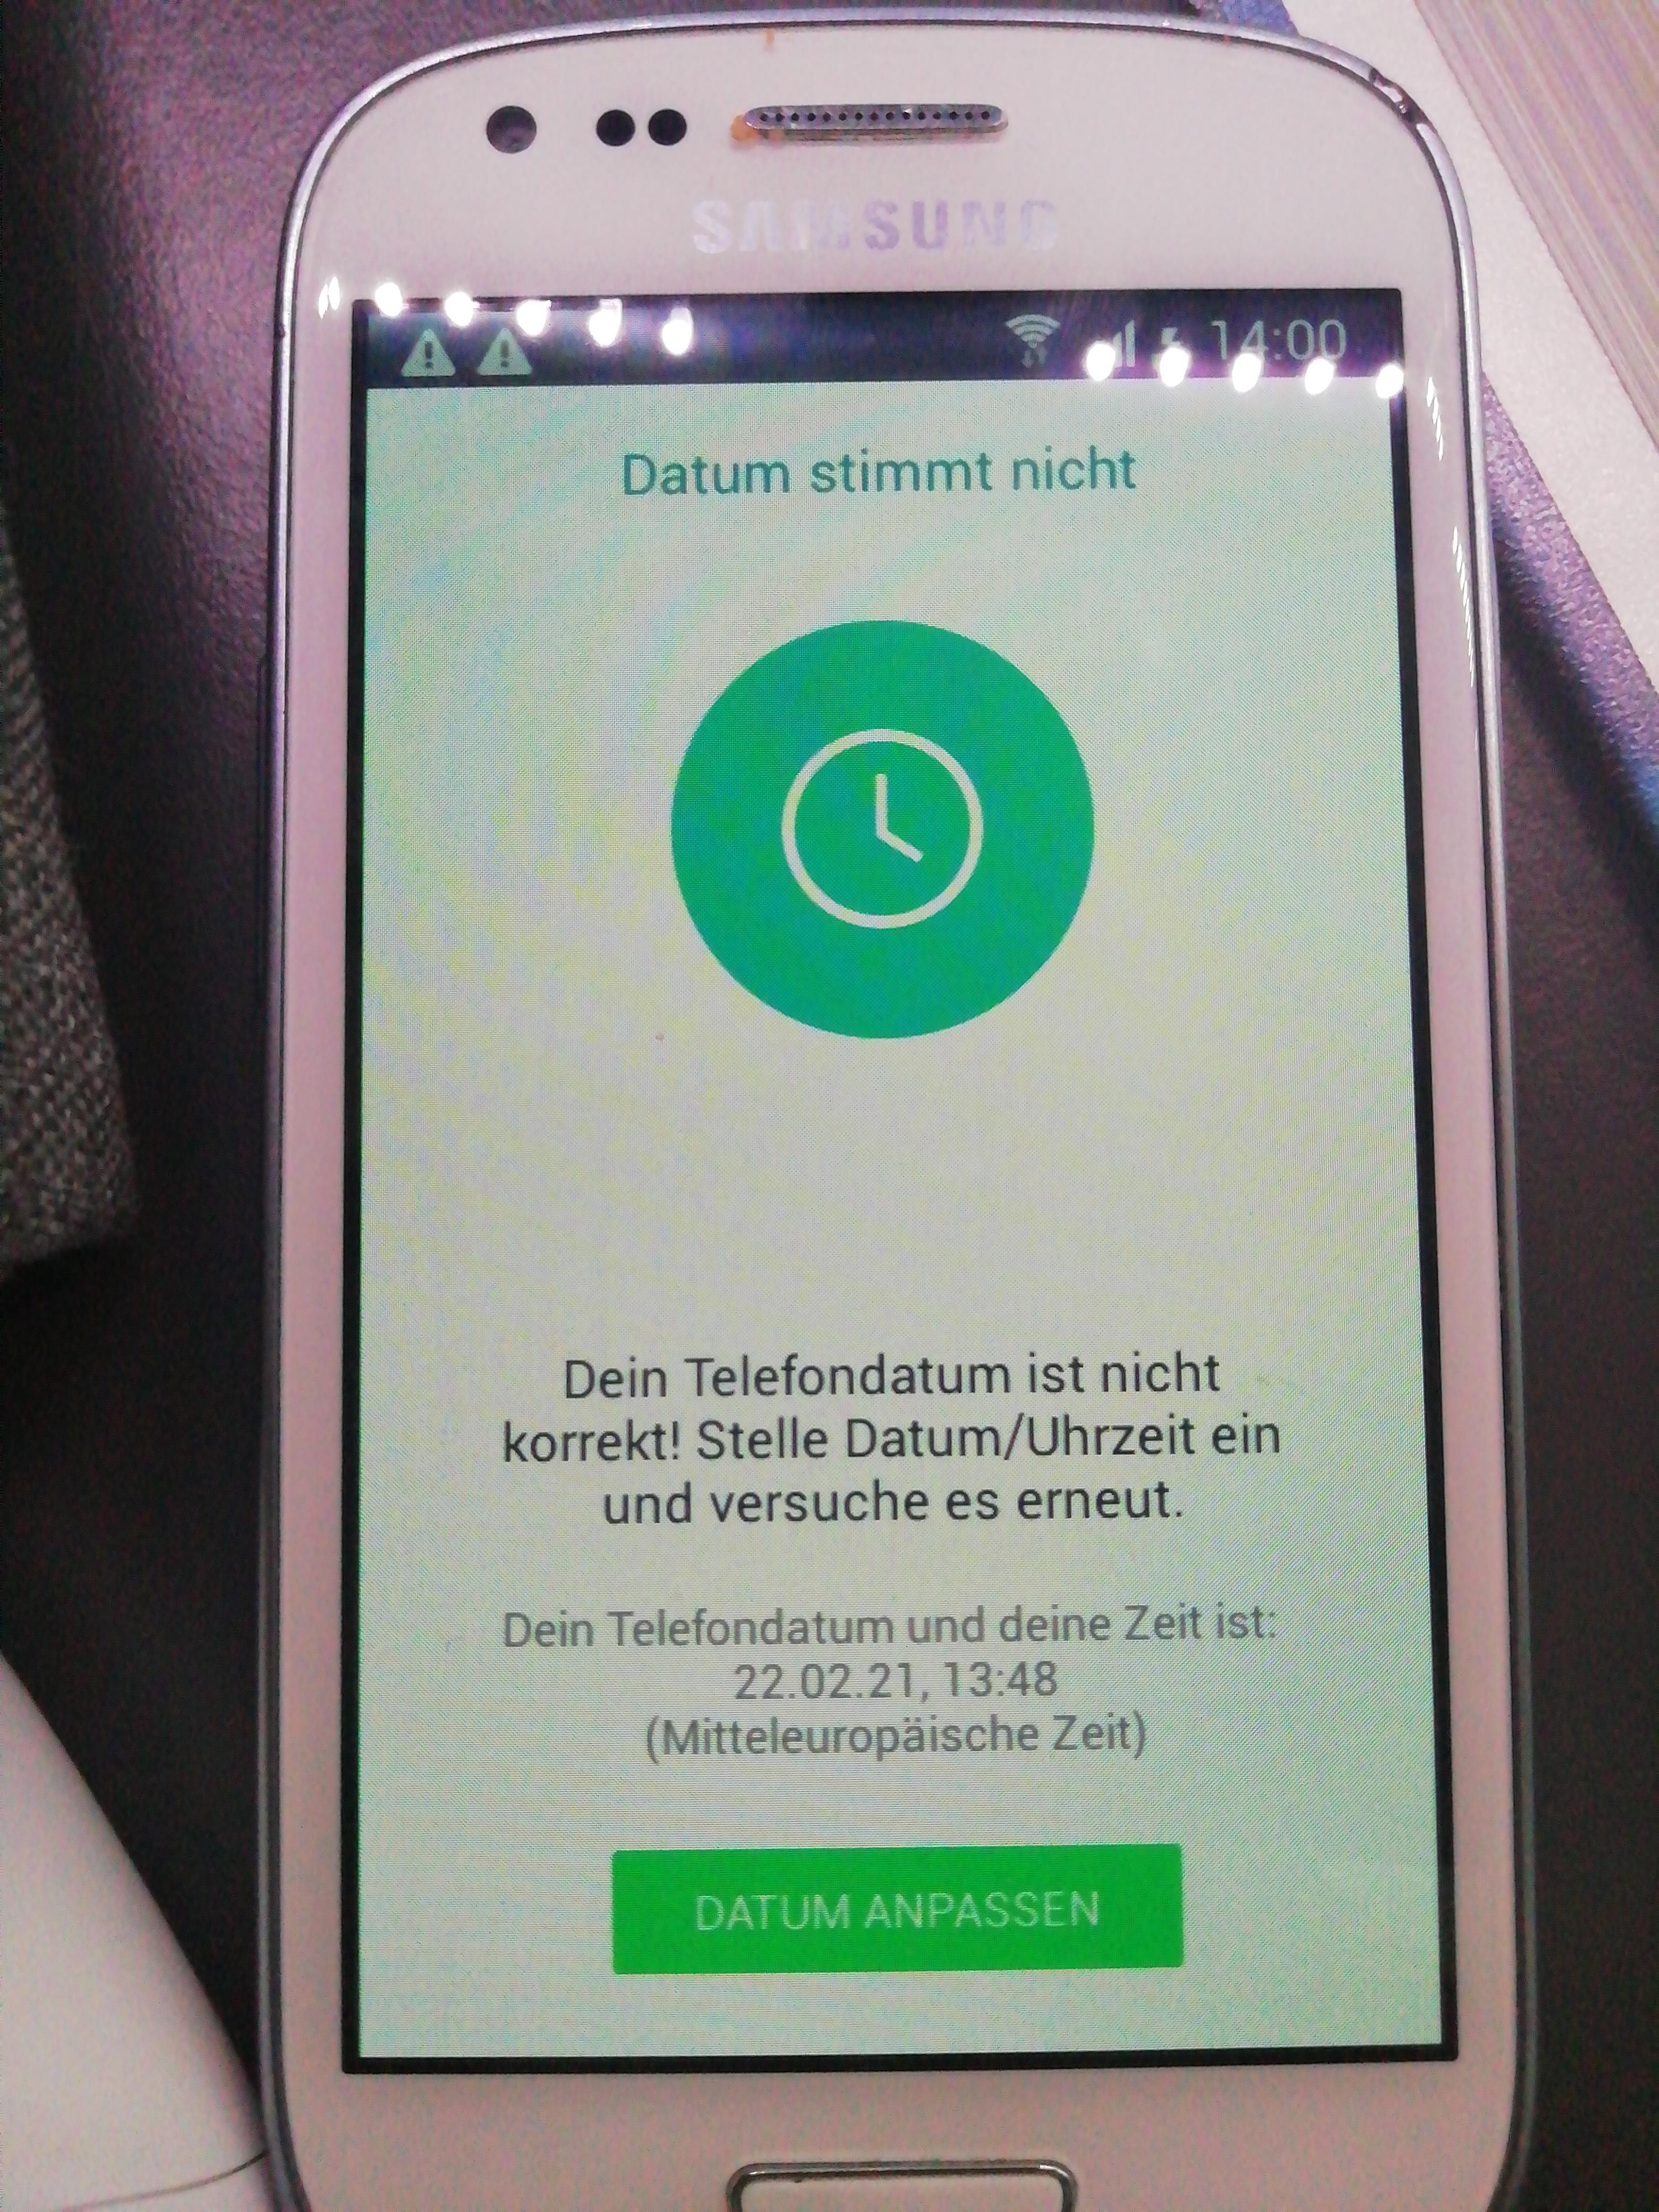 Whatsapp Datum Stimmt Nicht